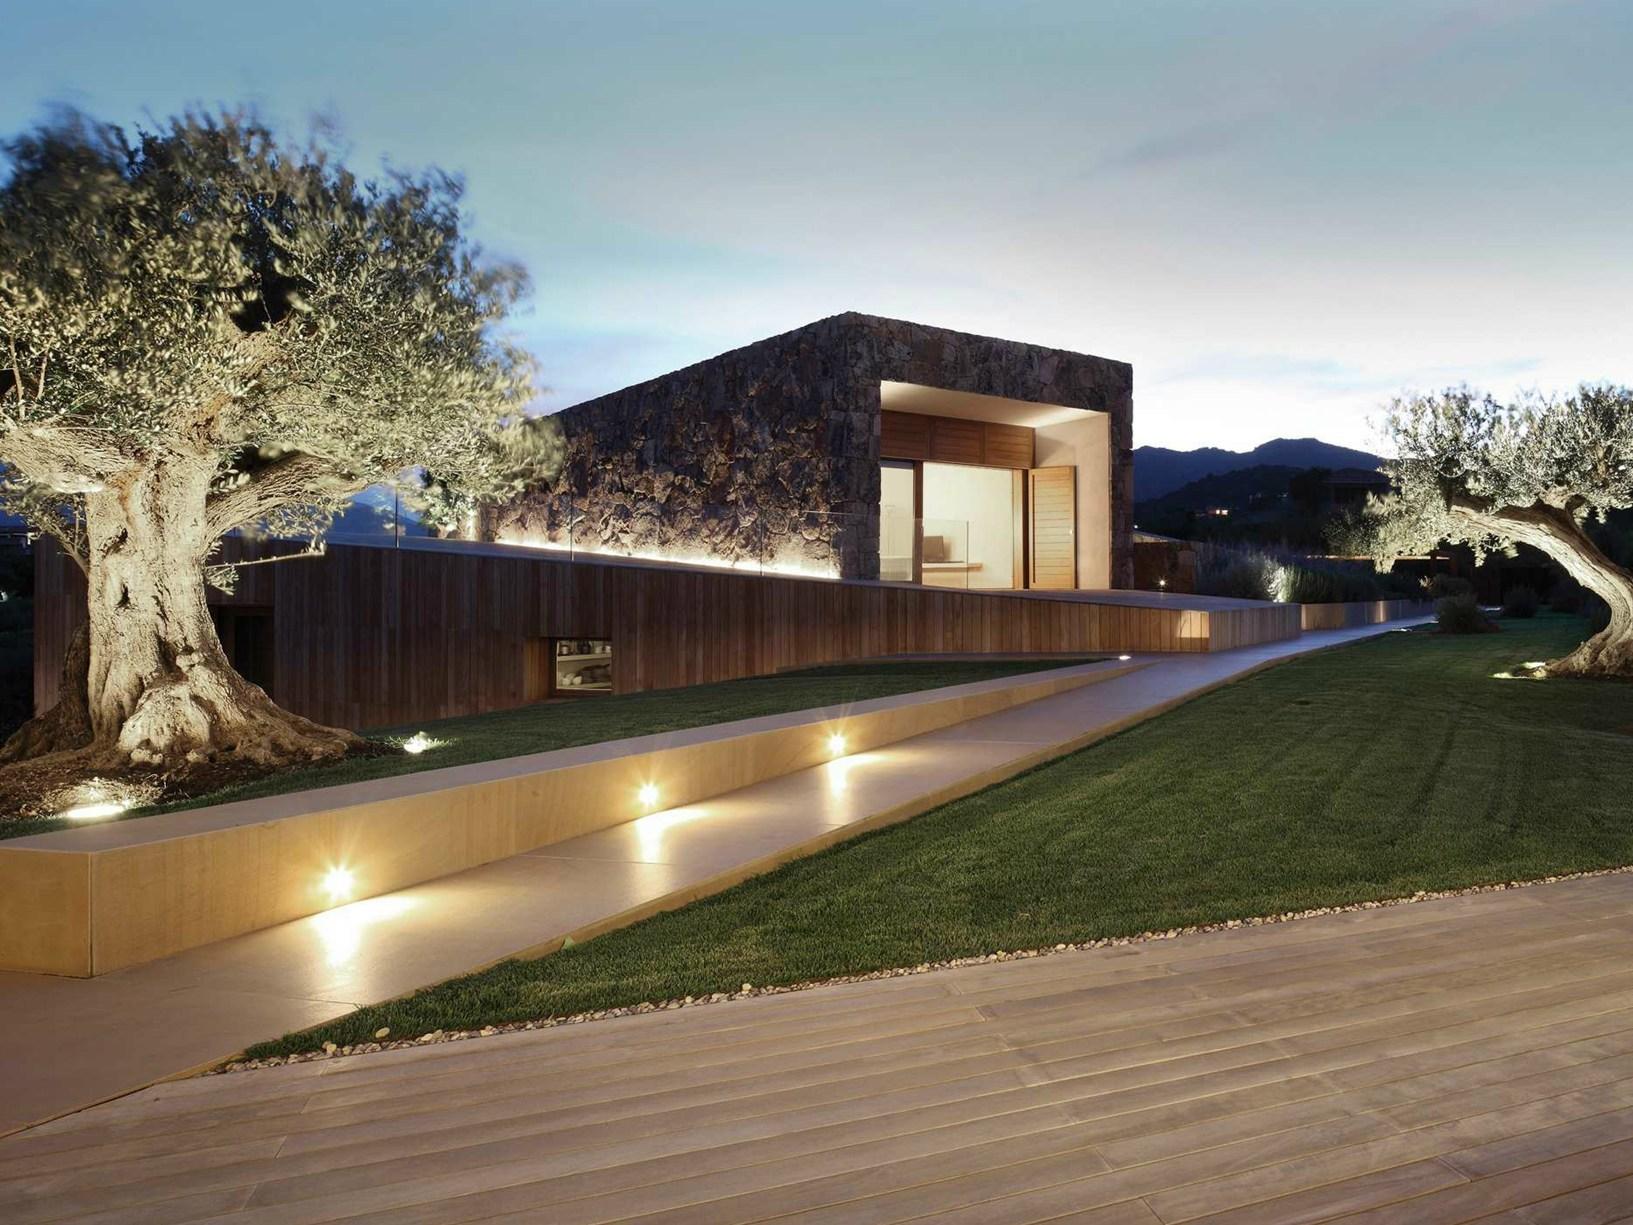 Giardini Per Case Moderne progettare l'illuminazione esterna del giardino: più di 30